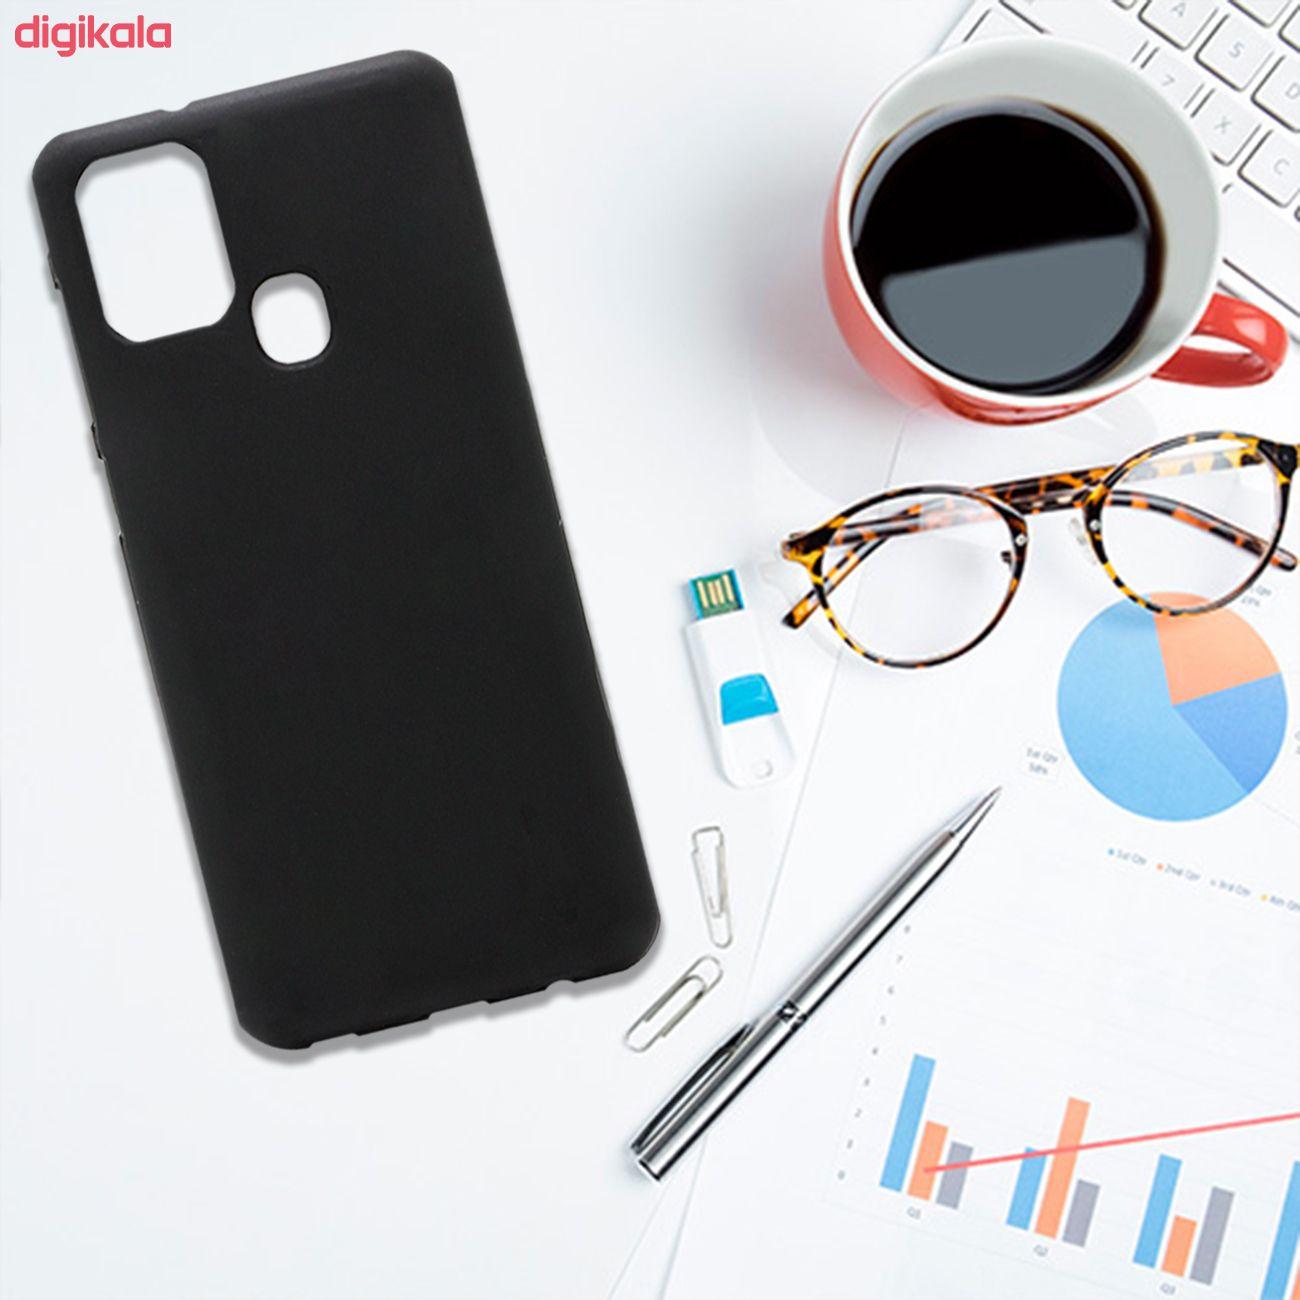 کاور مدل HF مناسب برای گوشی موبایل سامسونگ Galaxy A21s main 1 3